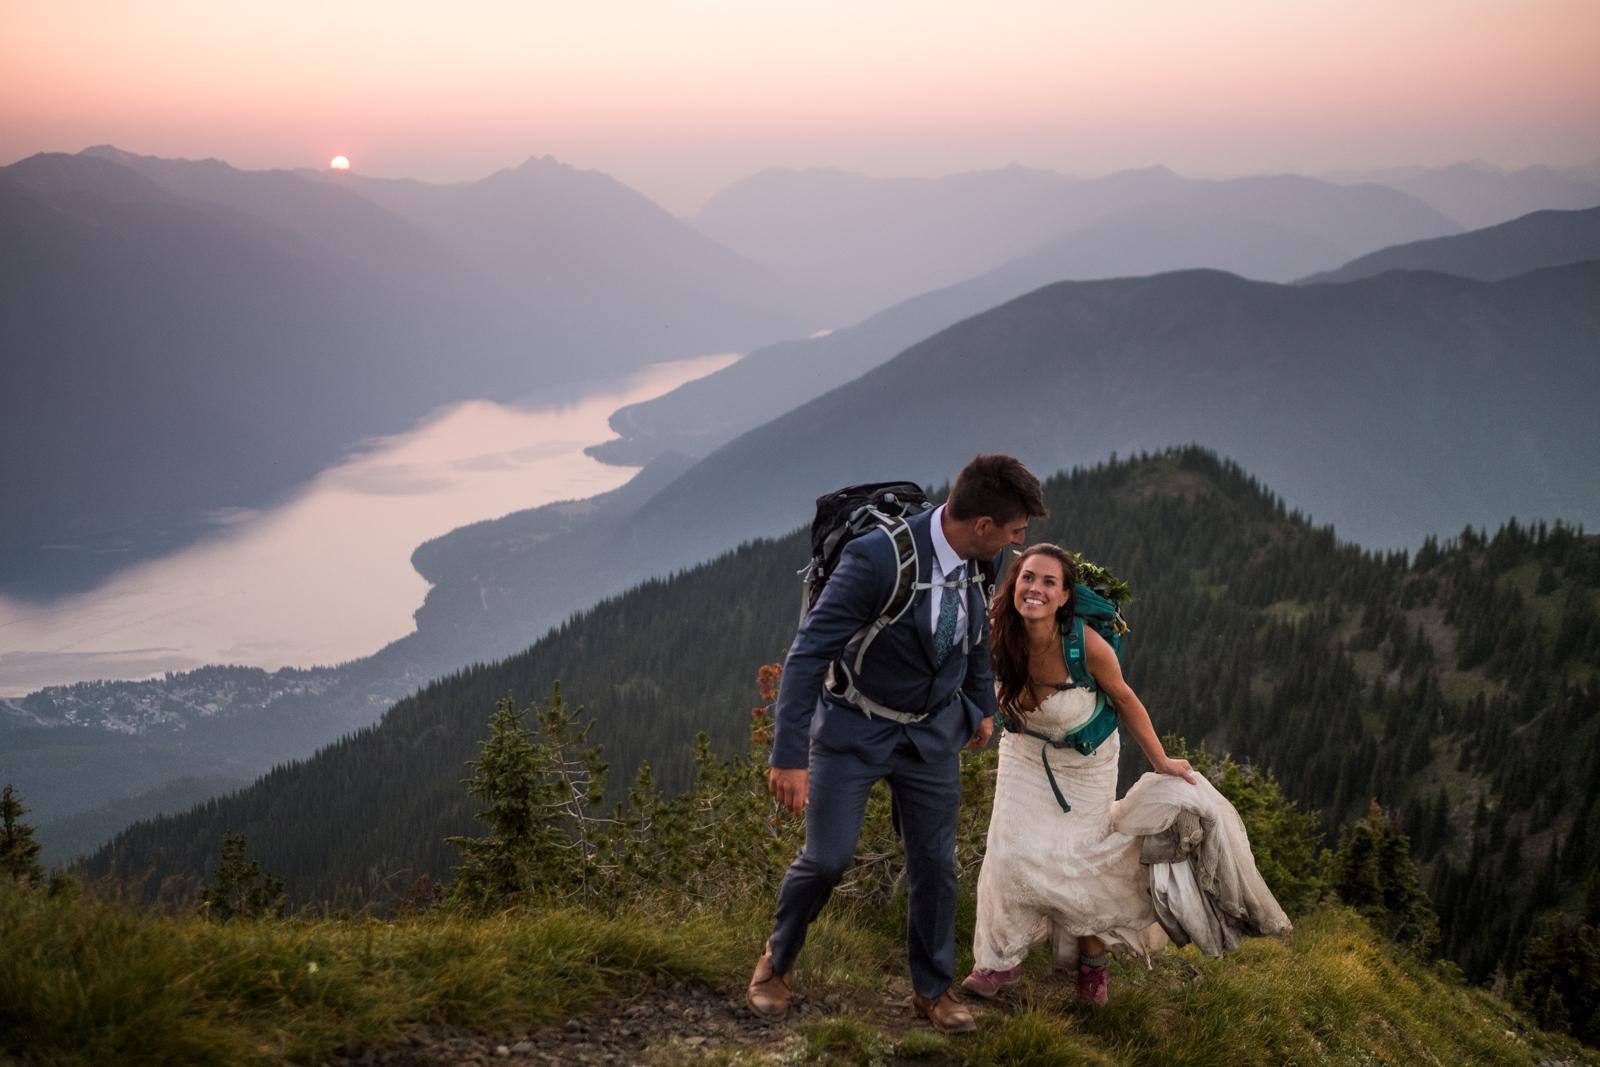 Hiking wedding images